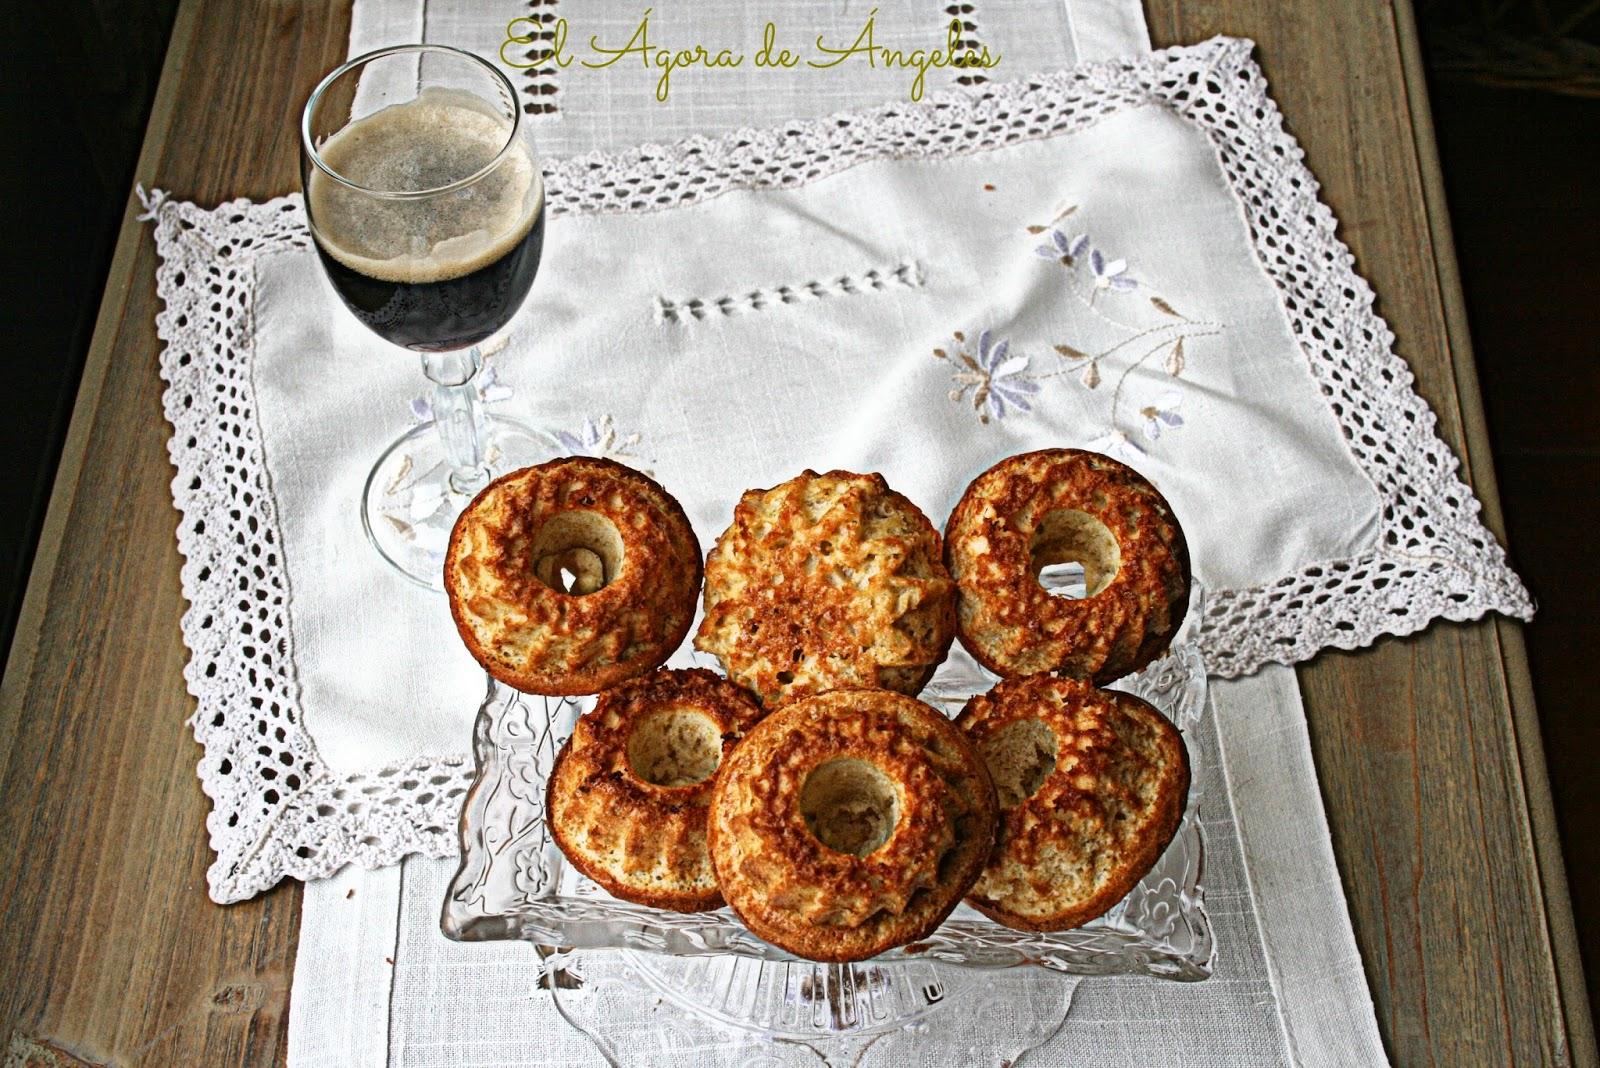 bizcochitos de cerveza negra, canela, desayuno, merienda,regalo